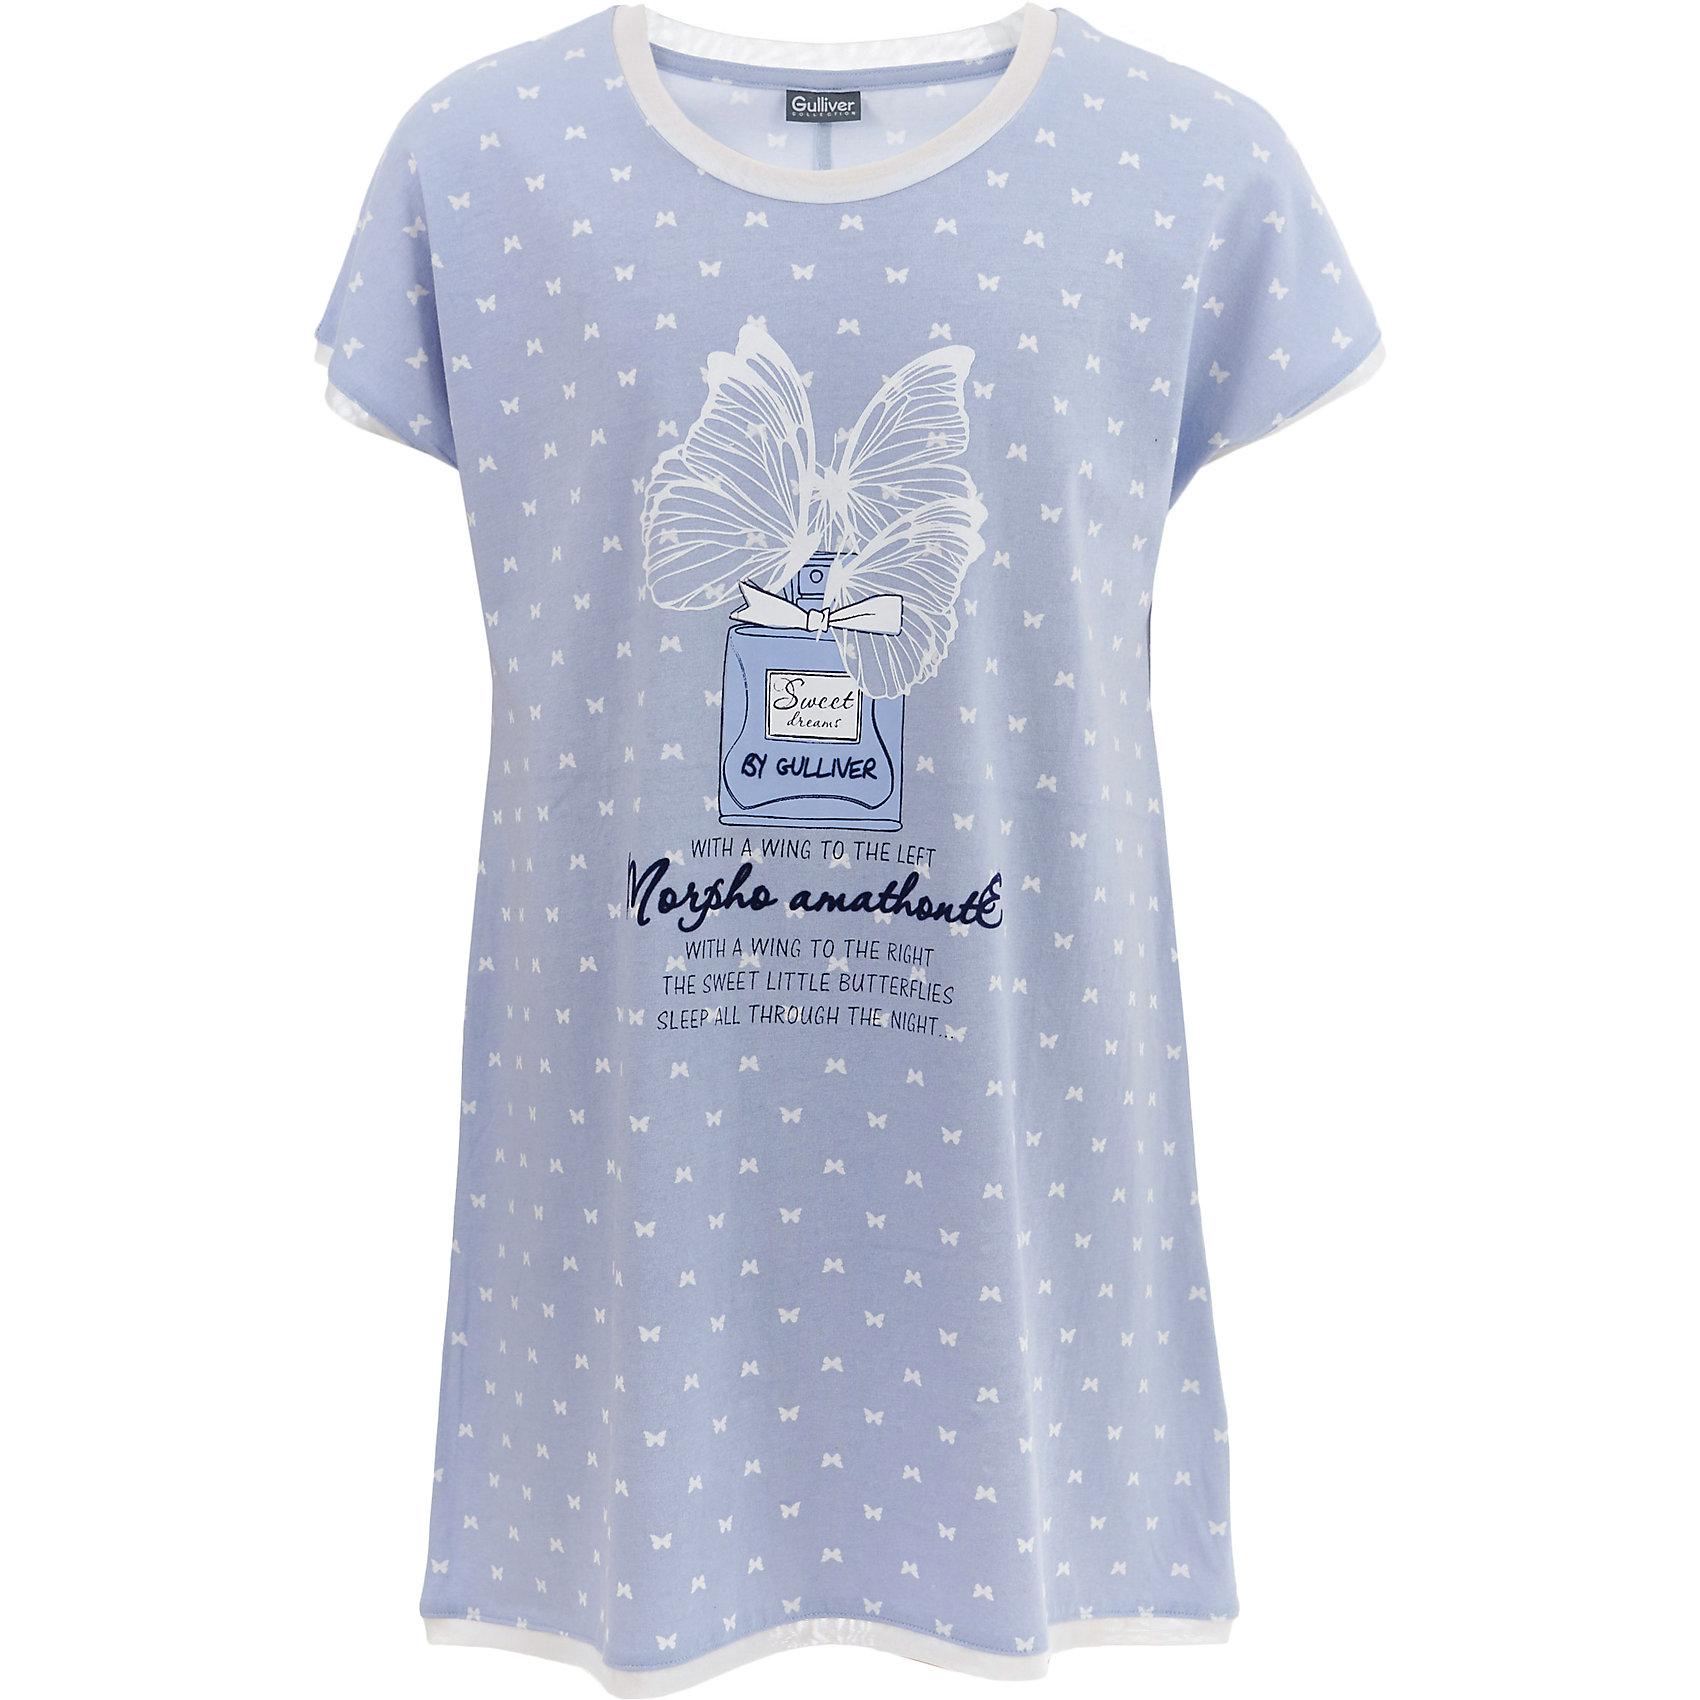 Ночная сорочка Gulliver для девочкиПижамы и сорочки<br>Ночная сорочка Gulliver для девочки<br>Белье для девочки должно быть красивым и качественным! - воспитывать вкус ребенка нужно с самого детства, прививая любовь к достойным эстетичным вещам. Ночная сорочка с оригинальным принтом - прекрасное решение для интересной вечерней сказки, комфортного сна и счастливого пробуждения. Мягкая, нежная, с ненавязчивым мелким рисунком и изящными деталями, ночная сорочка от Gulliver подчеркнет уютную домашнюю атмосферу и создаст отличное настроение.<br>Состав:<br>95% хлопок        5% эластан<br><br>Ширина мм: 281<br>Глубина мм: 70<br>Высота мм: 188<br>Вес г: 295<br>Цвет: голубой<br>Возраст от месяцев: 144<br>Возраст до месяцев: 156<br>Пол: Женский<br>Возраст: Детский<br>Размер: 158,98,110,122,134,146<br>SKU: 7078375